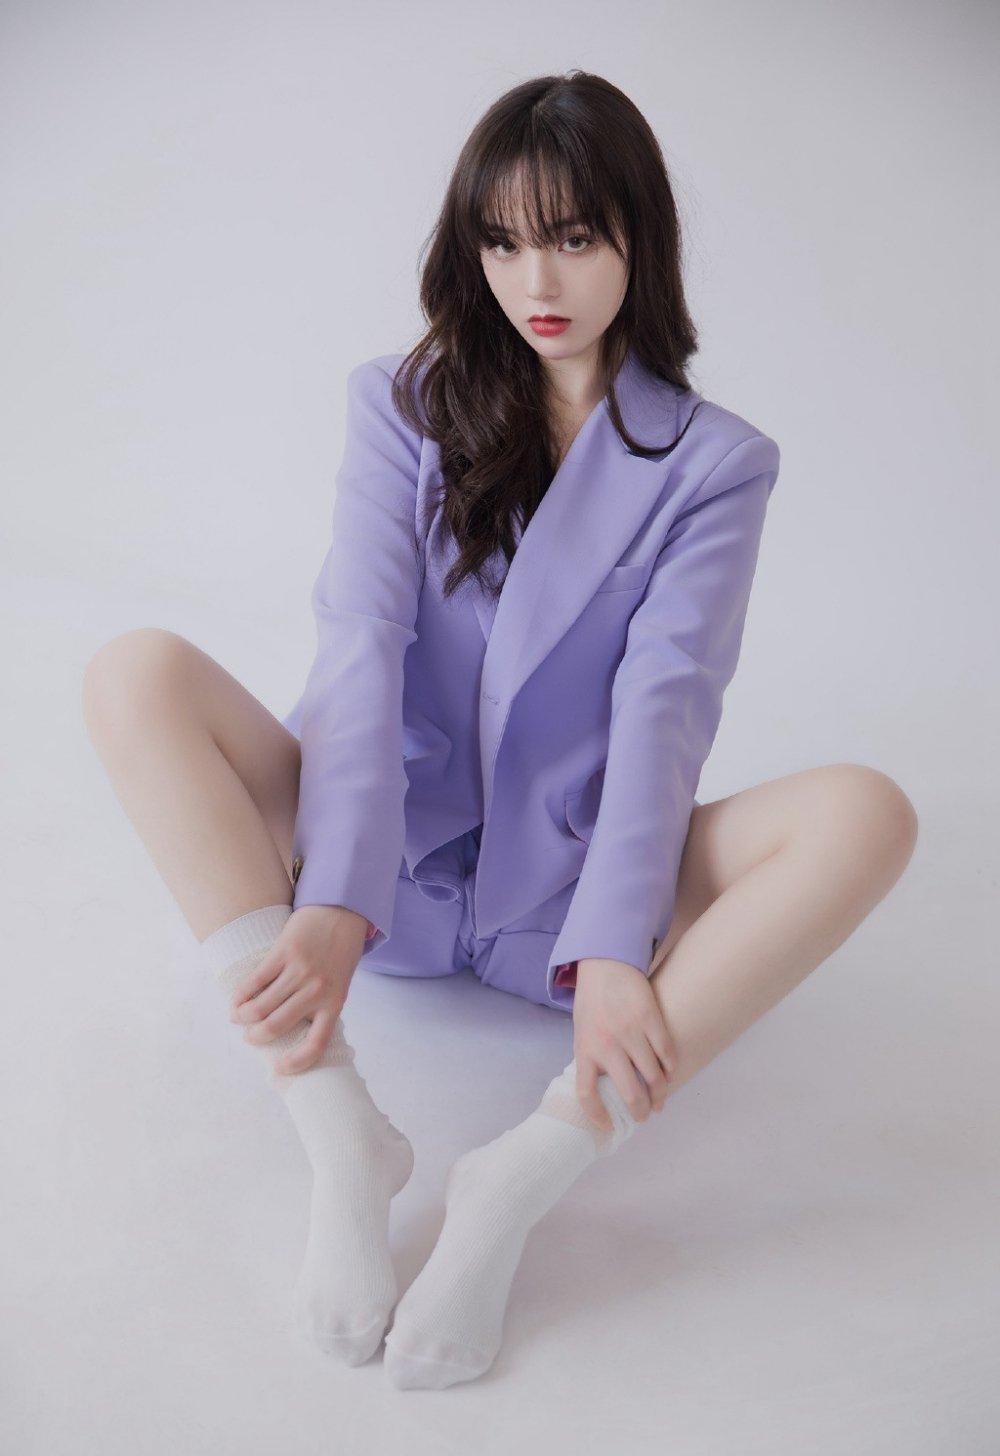 紫色西服高岭之花性感迷人写真